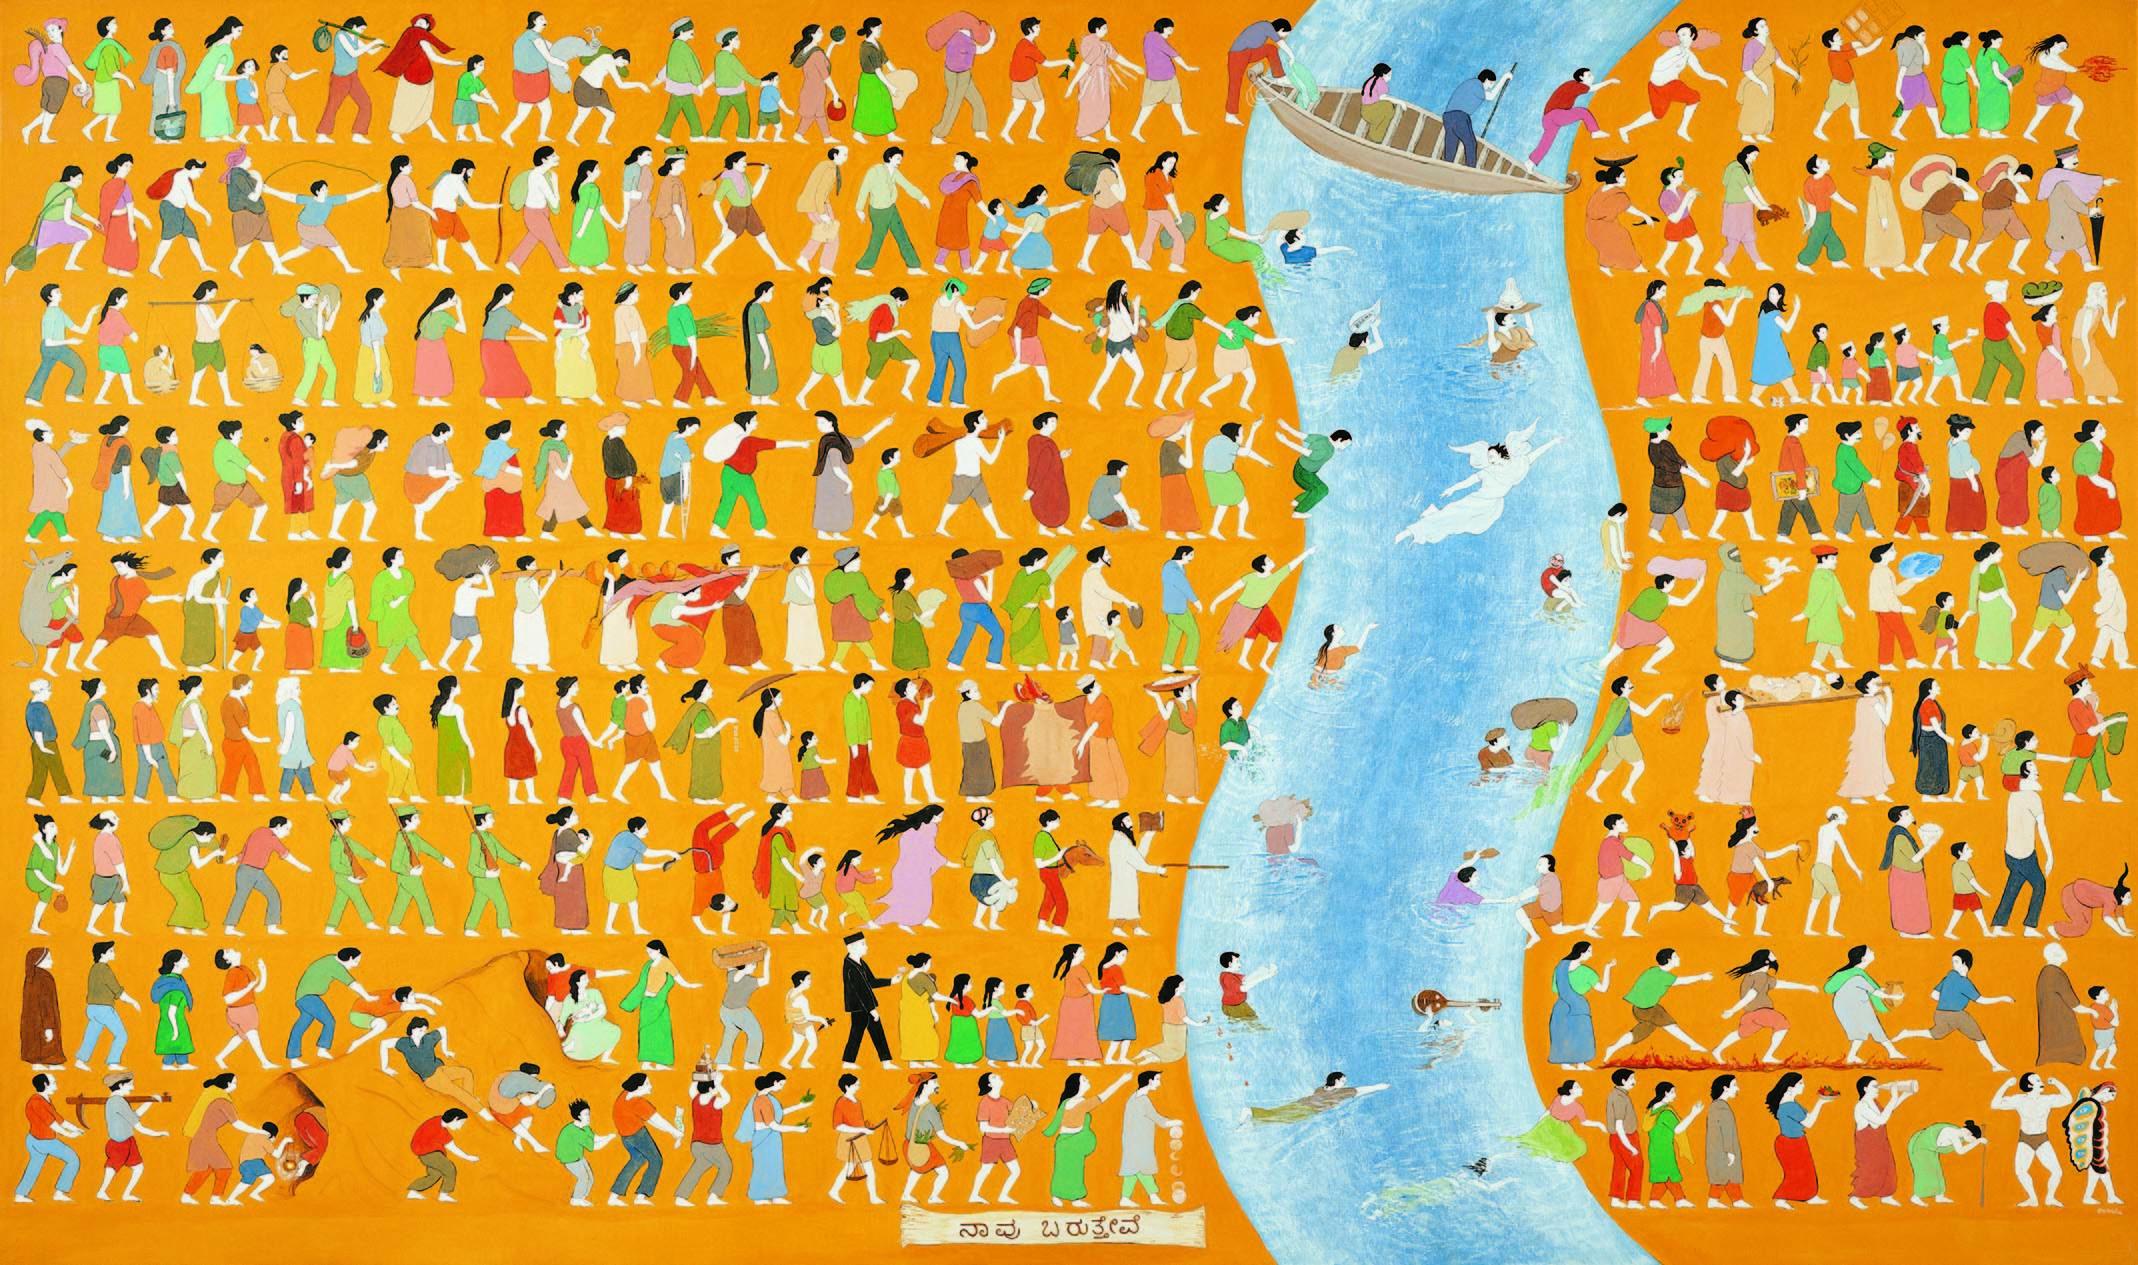 N・S・ハルシャ 《私たちは来て、私たちは食べ、そして私たちは眠る》(部分) 1999-2001年 合成樹脂絵具、キャンバス 172.1 x 289.3 cm、169.7 x 288.5 cm、172.2 x 289.2 cm 所蔵:クイーンズランド州立美術館、ブリスベン